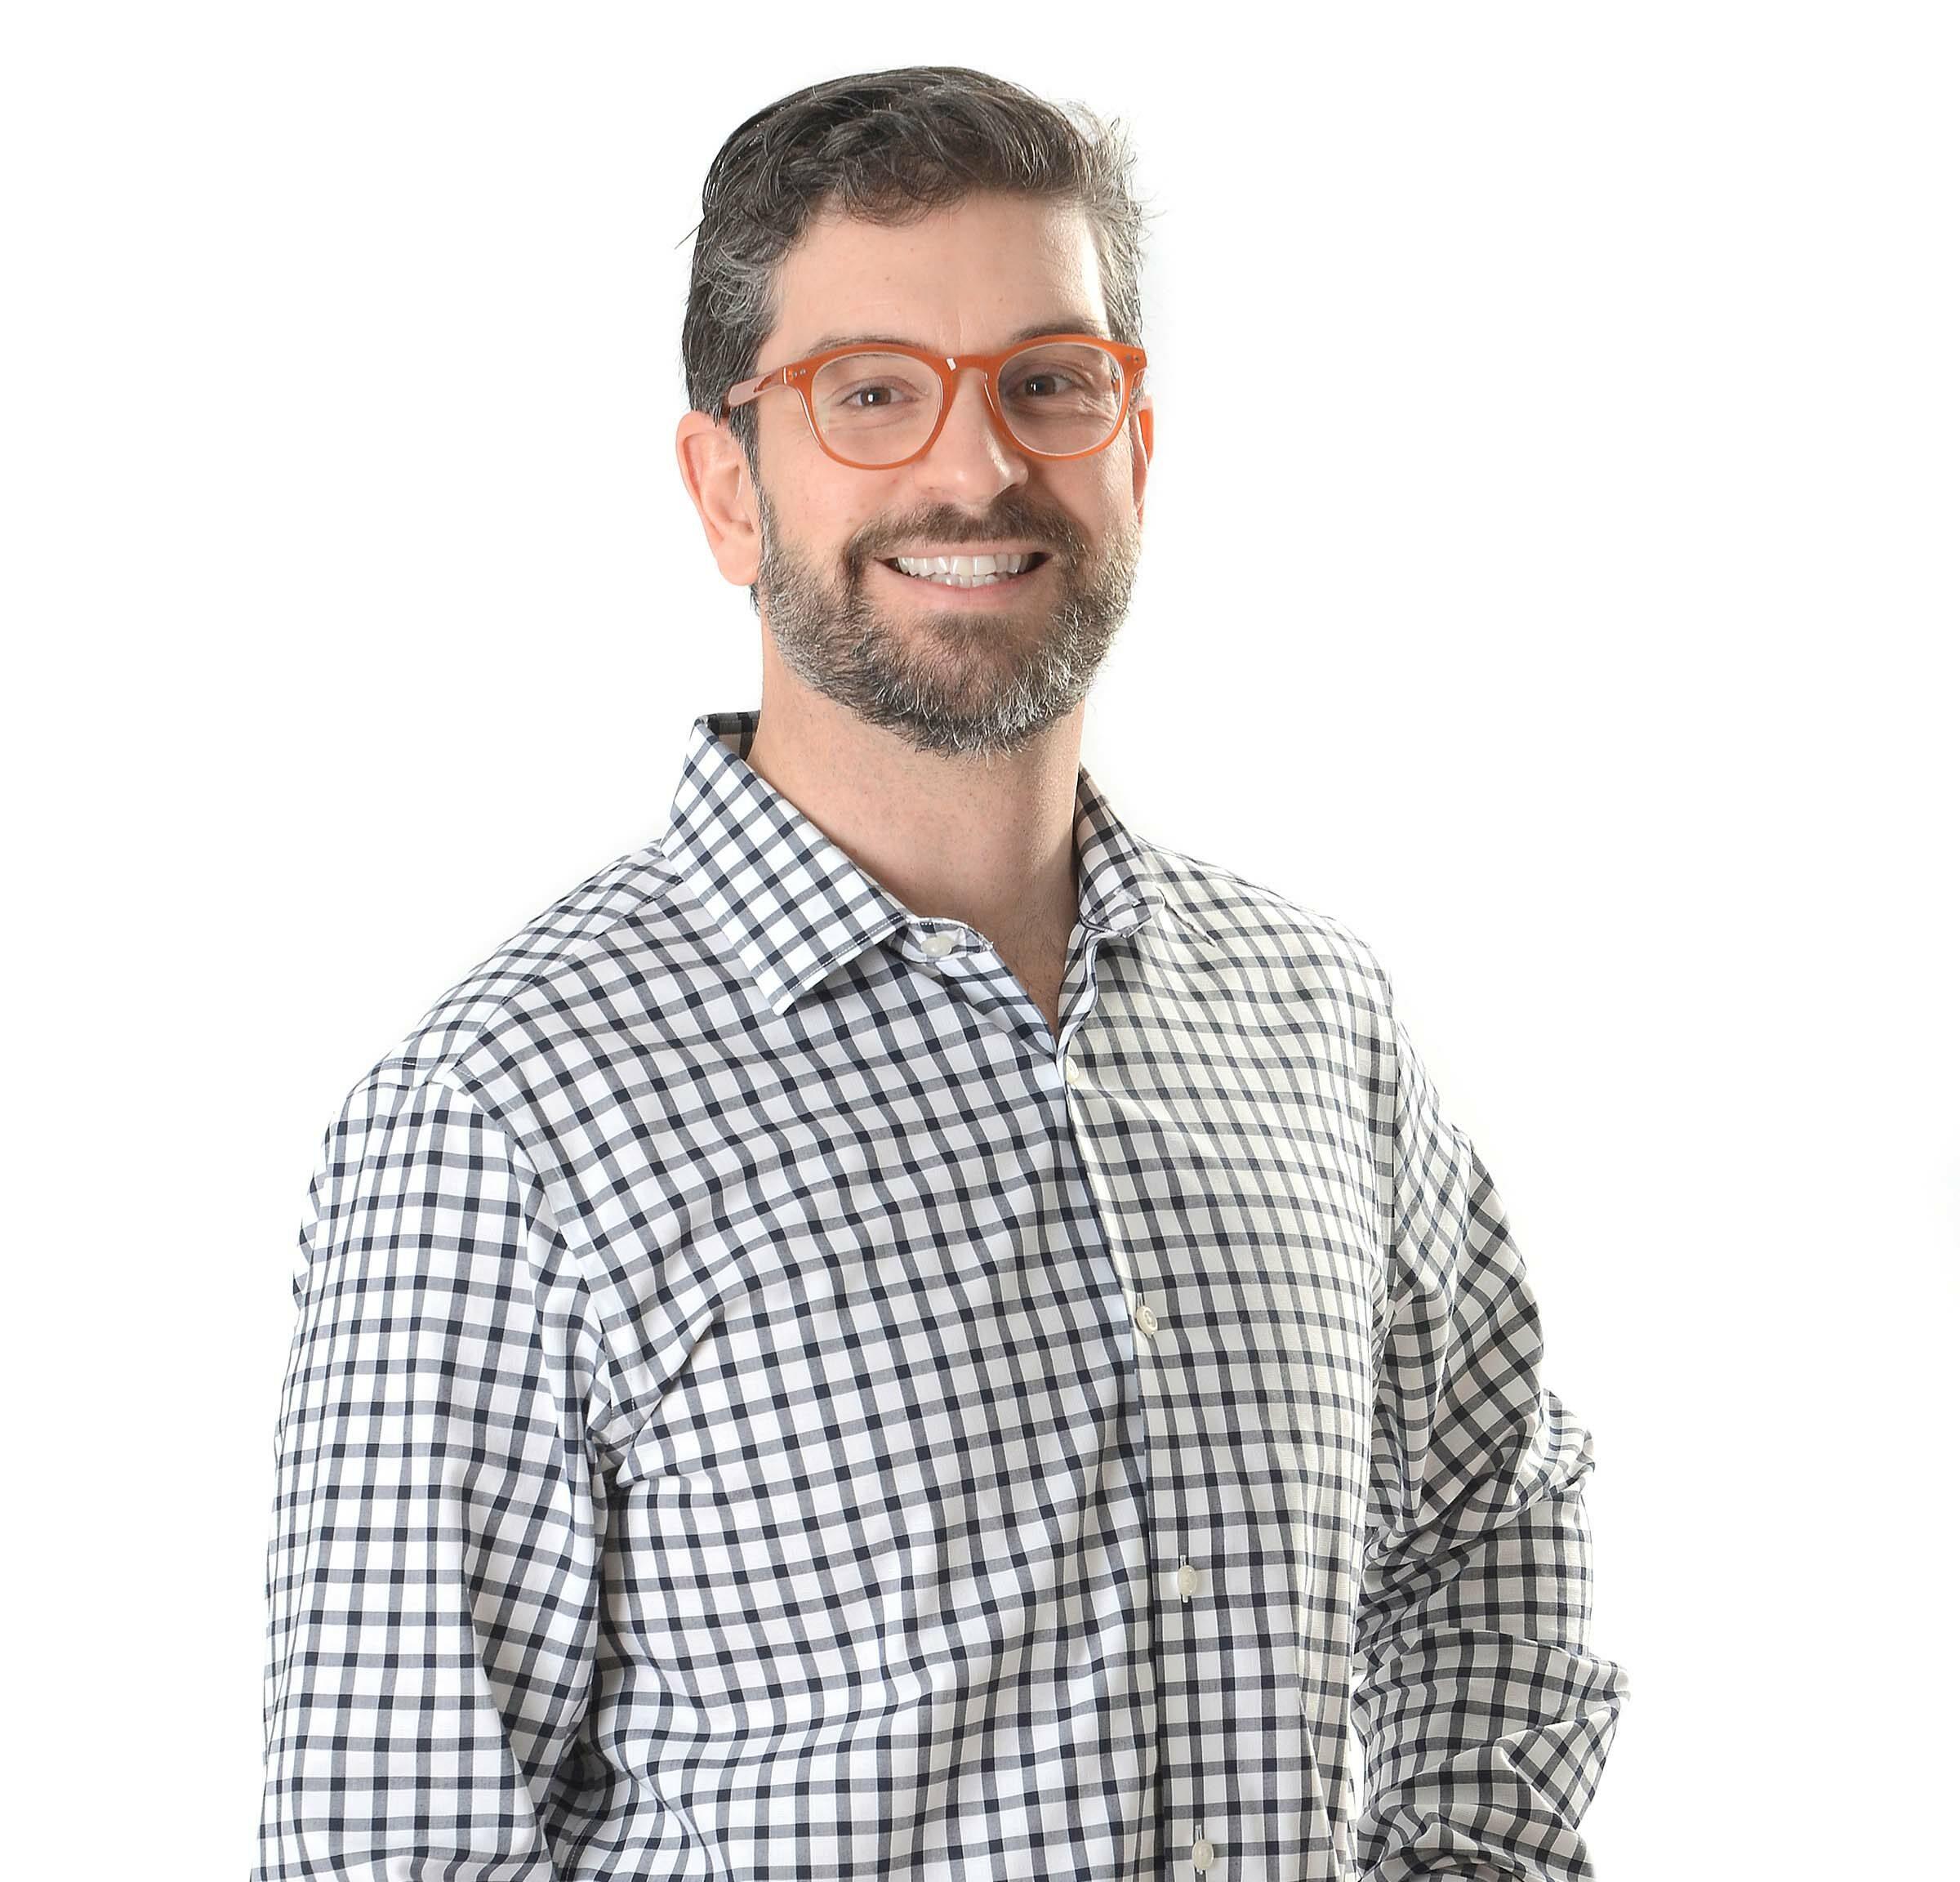 Nick Pavoldi